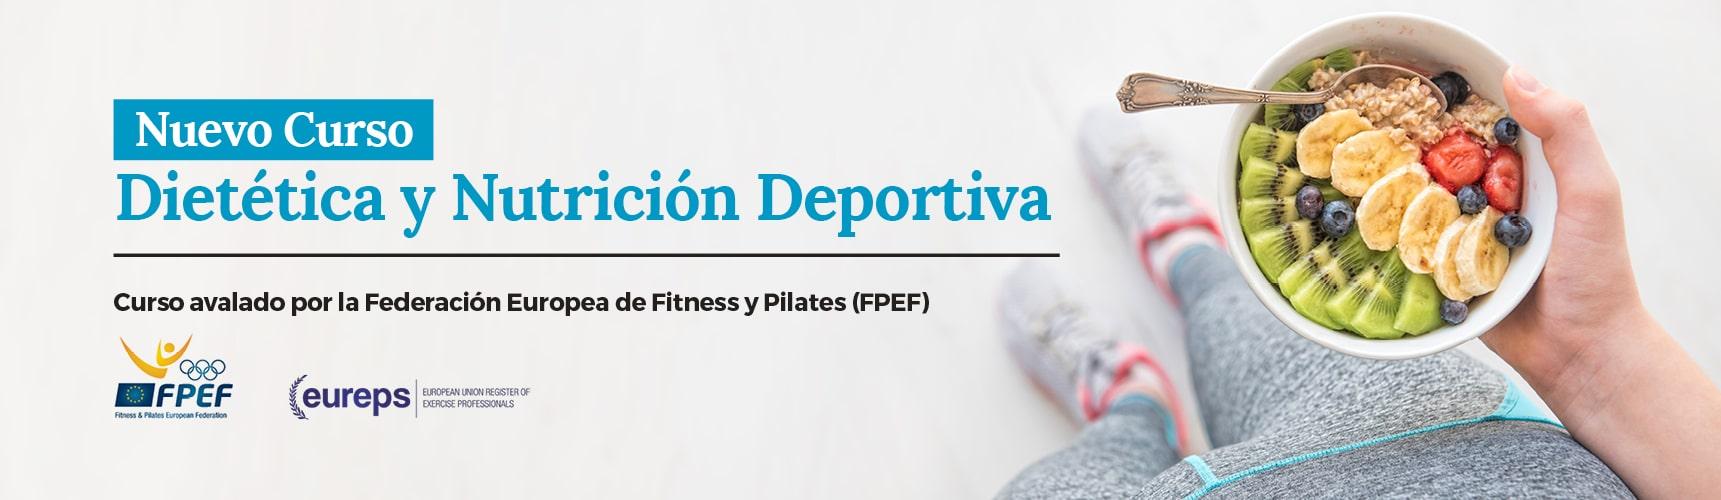 Curso de Dietética y Nutrición Deportiva